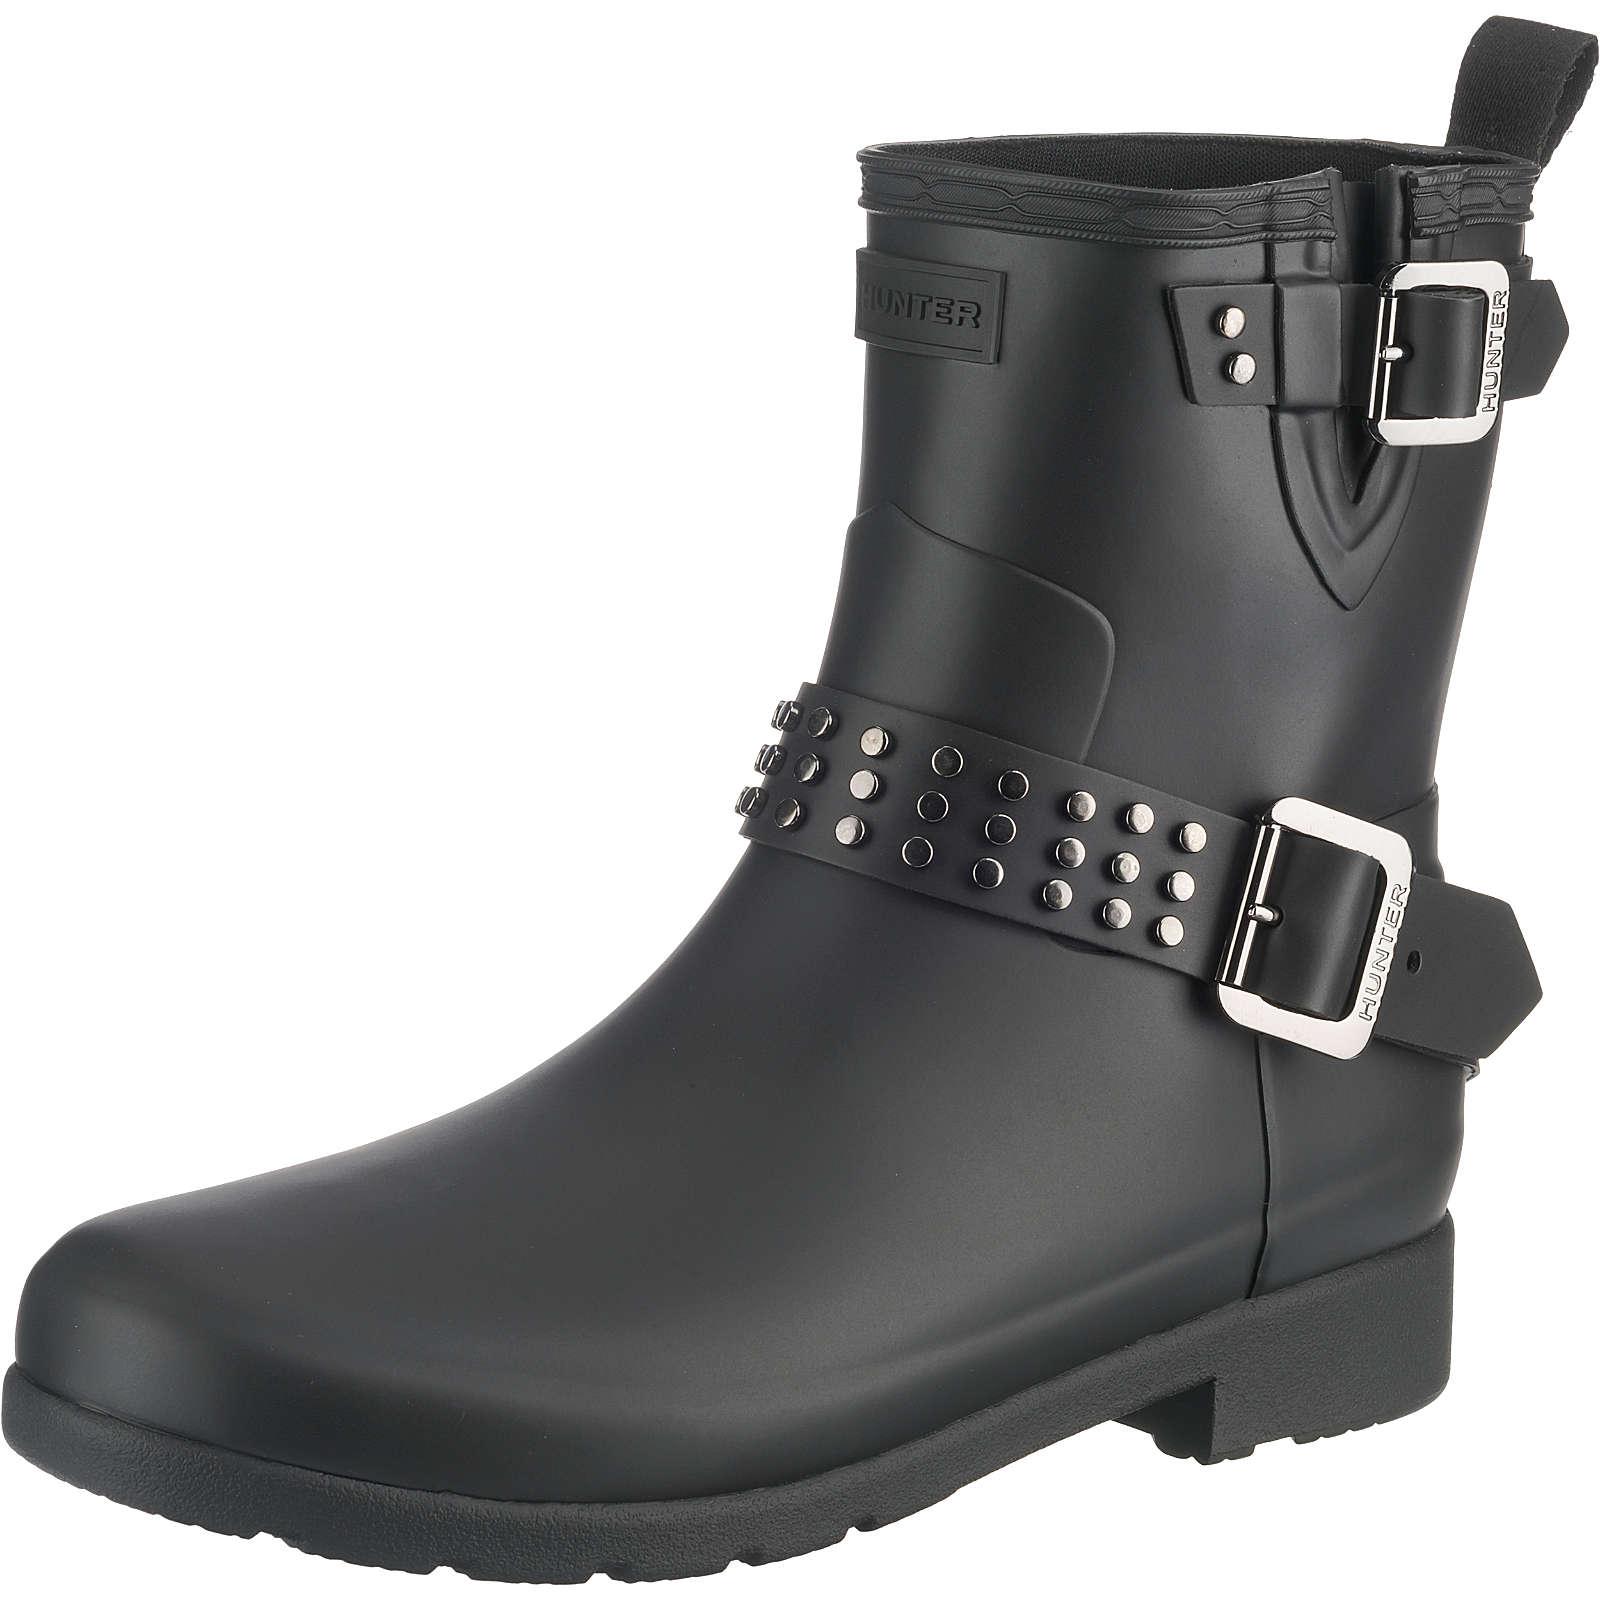 HUNTER Biker Boots schwarz Damen Gr. 42